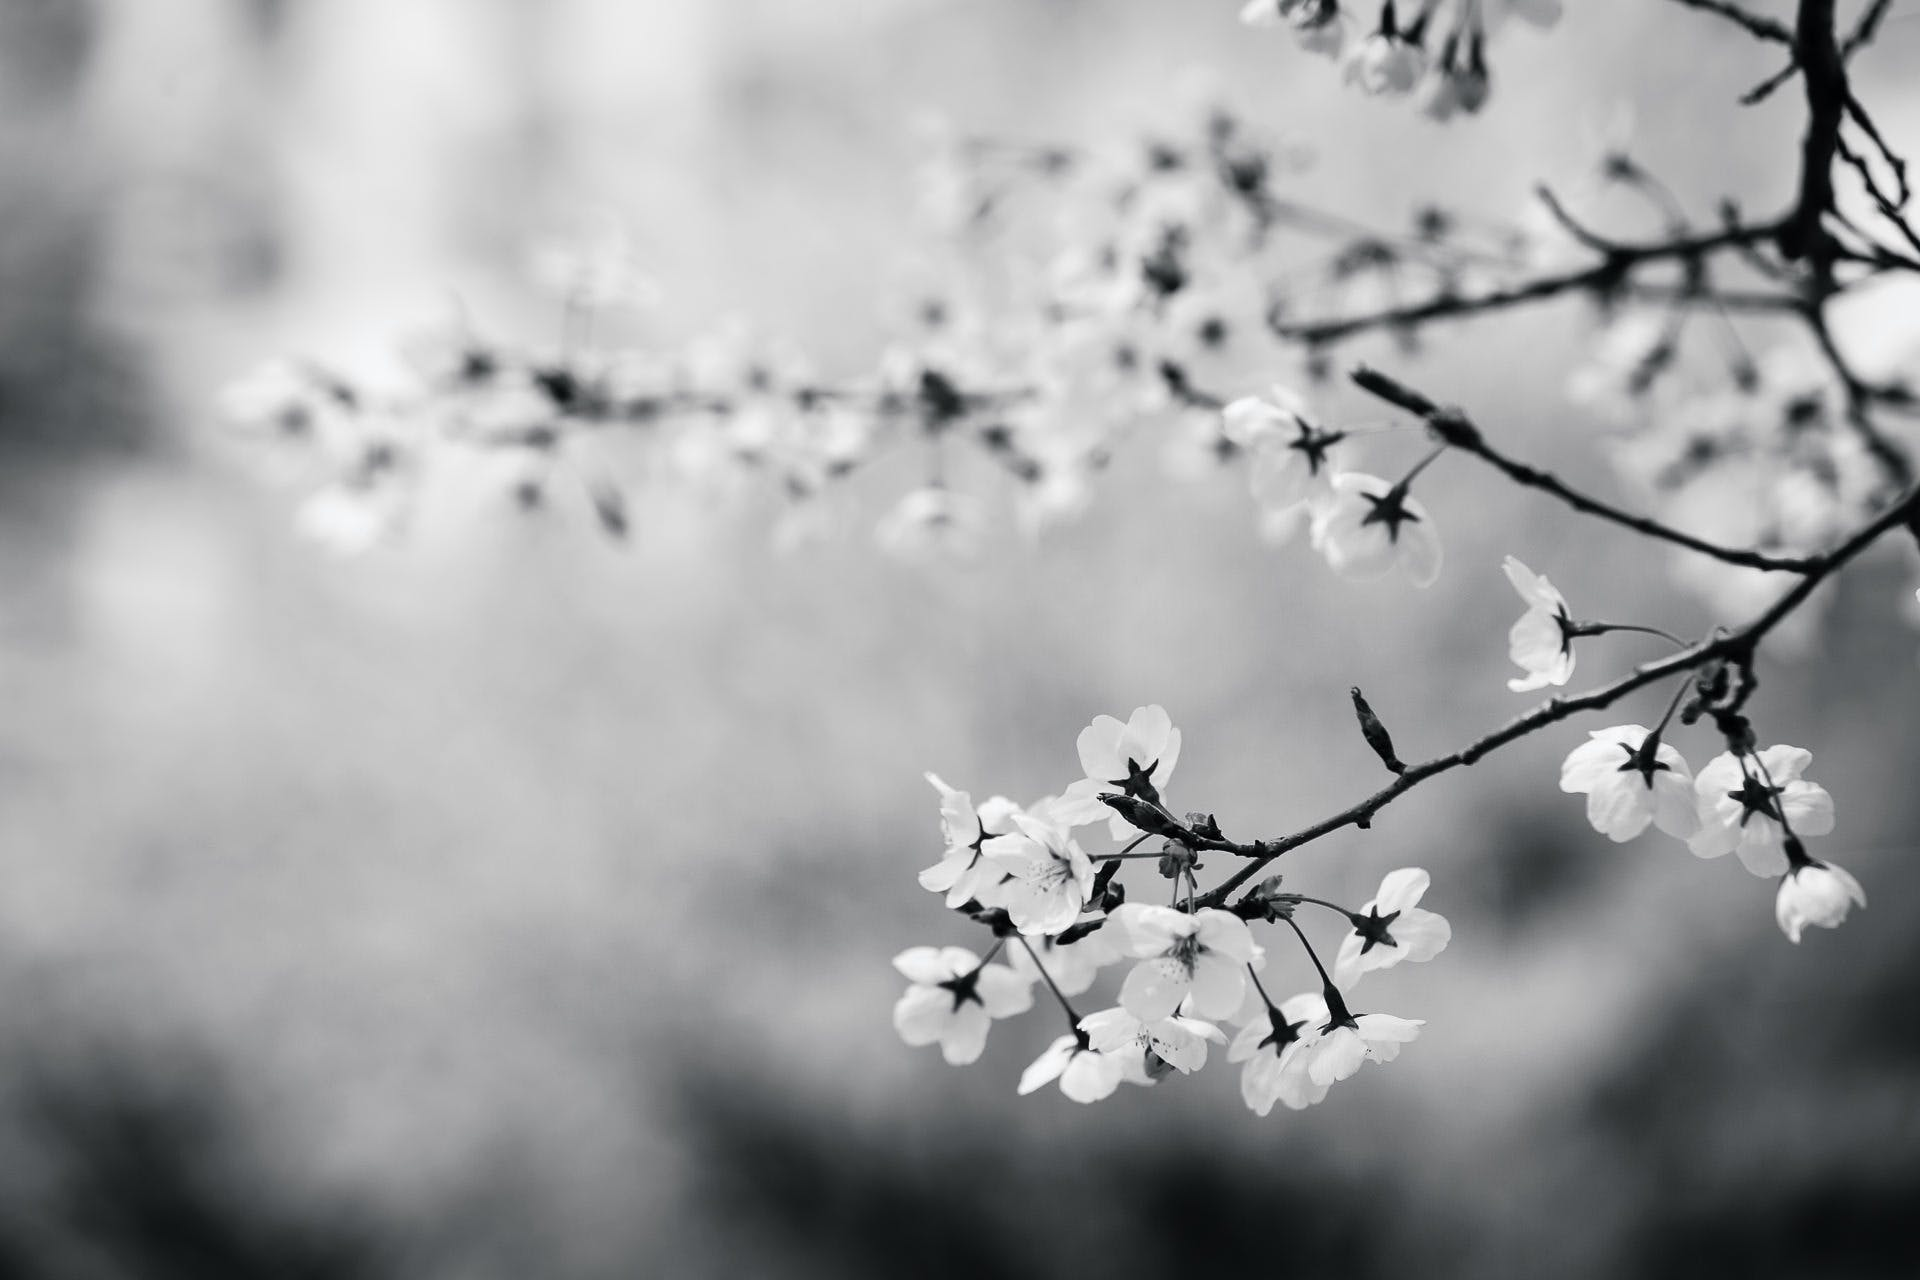 bianco e nero, fiore di ciliegio, fiori